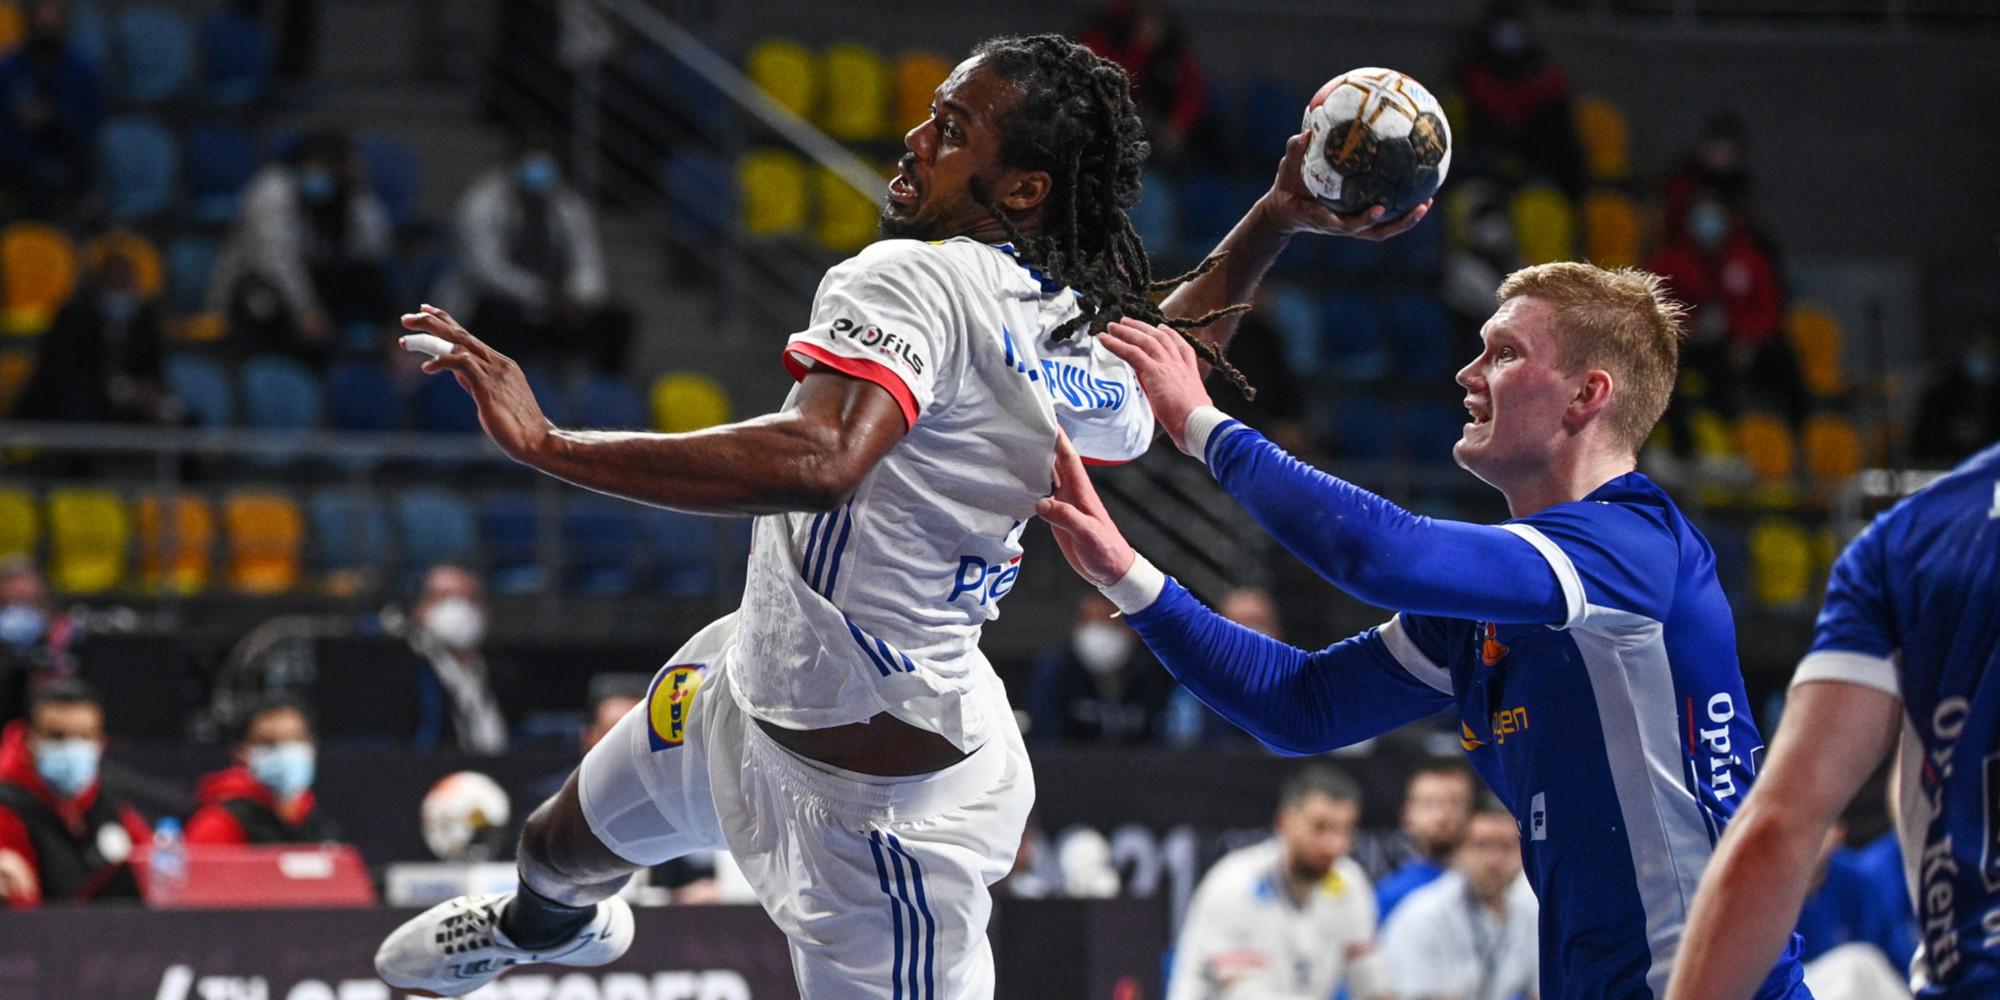 Mondial de hand : la France proche des quarts après son succès sur l'Islande (28-26)